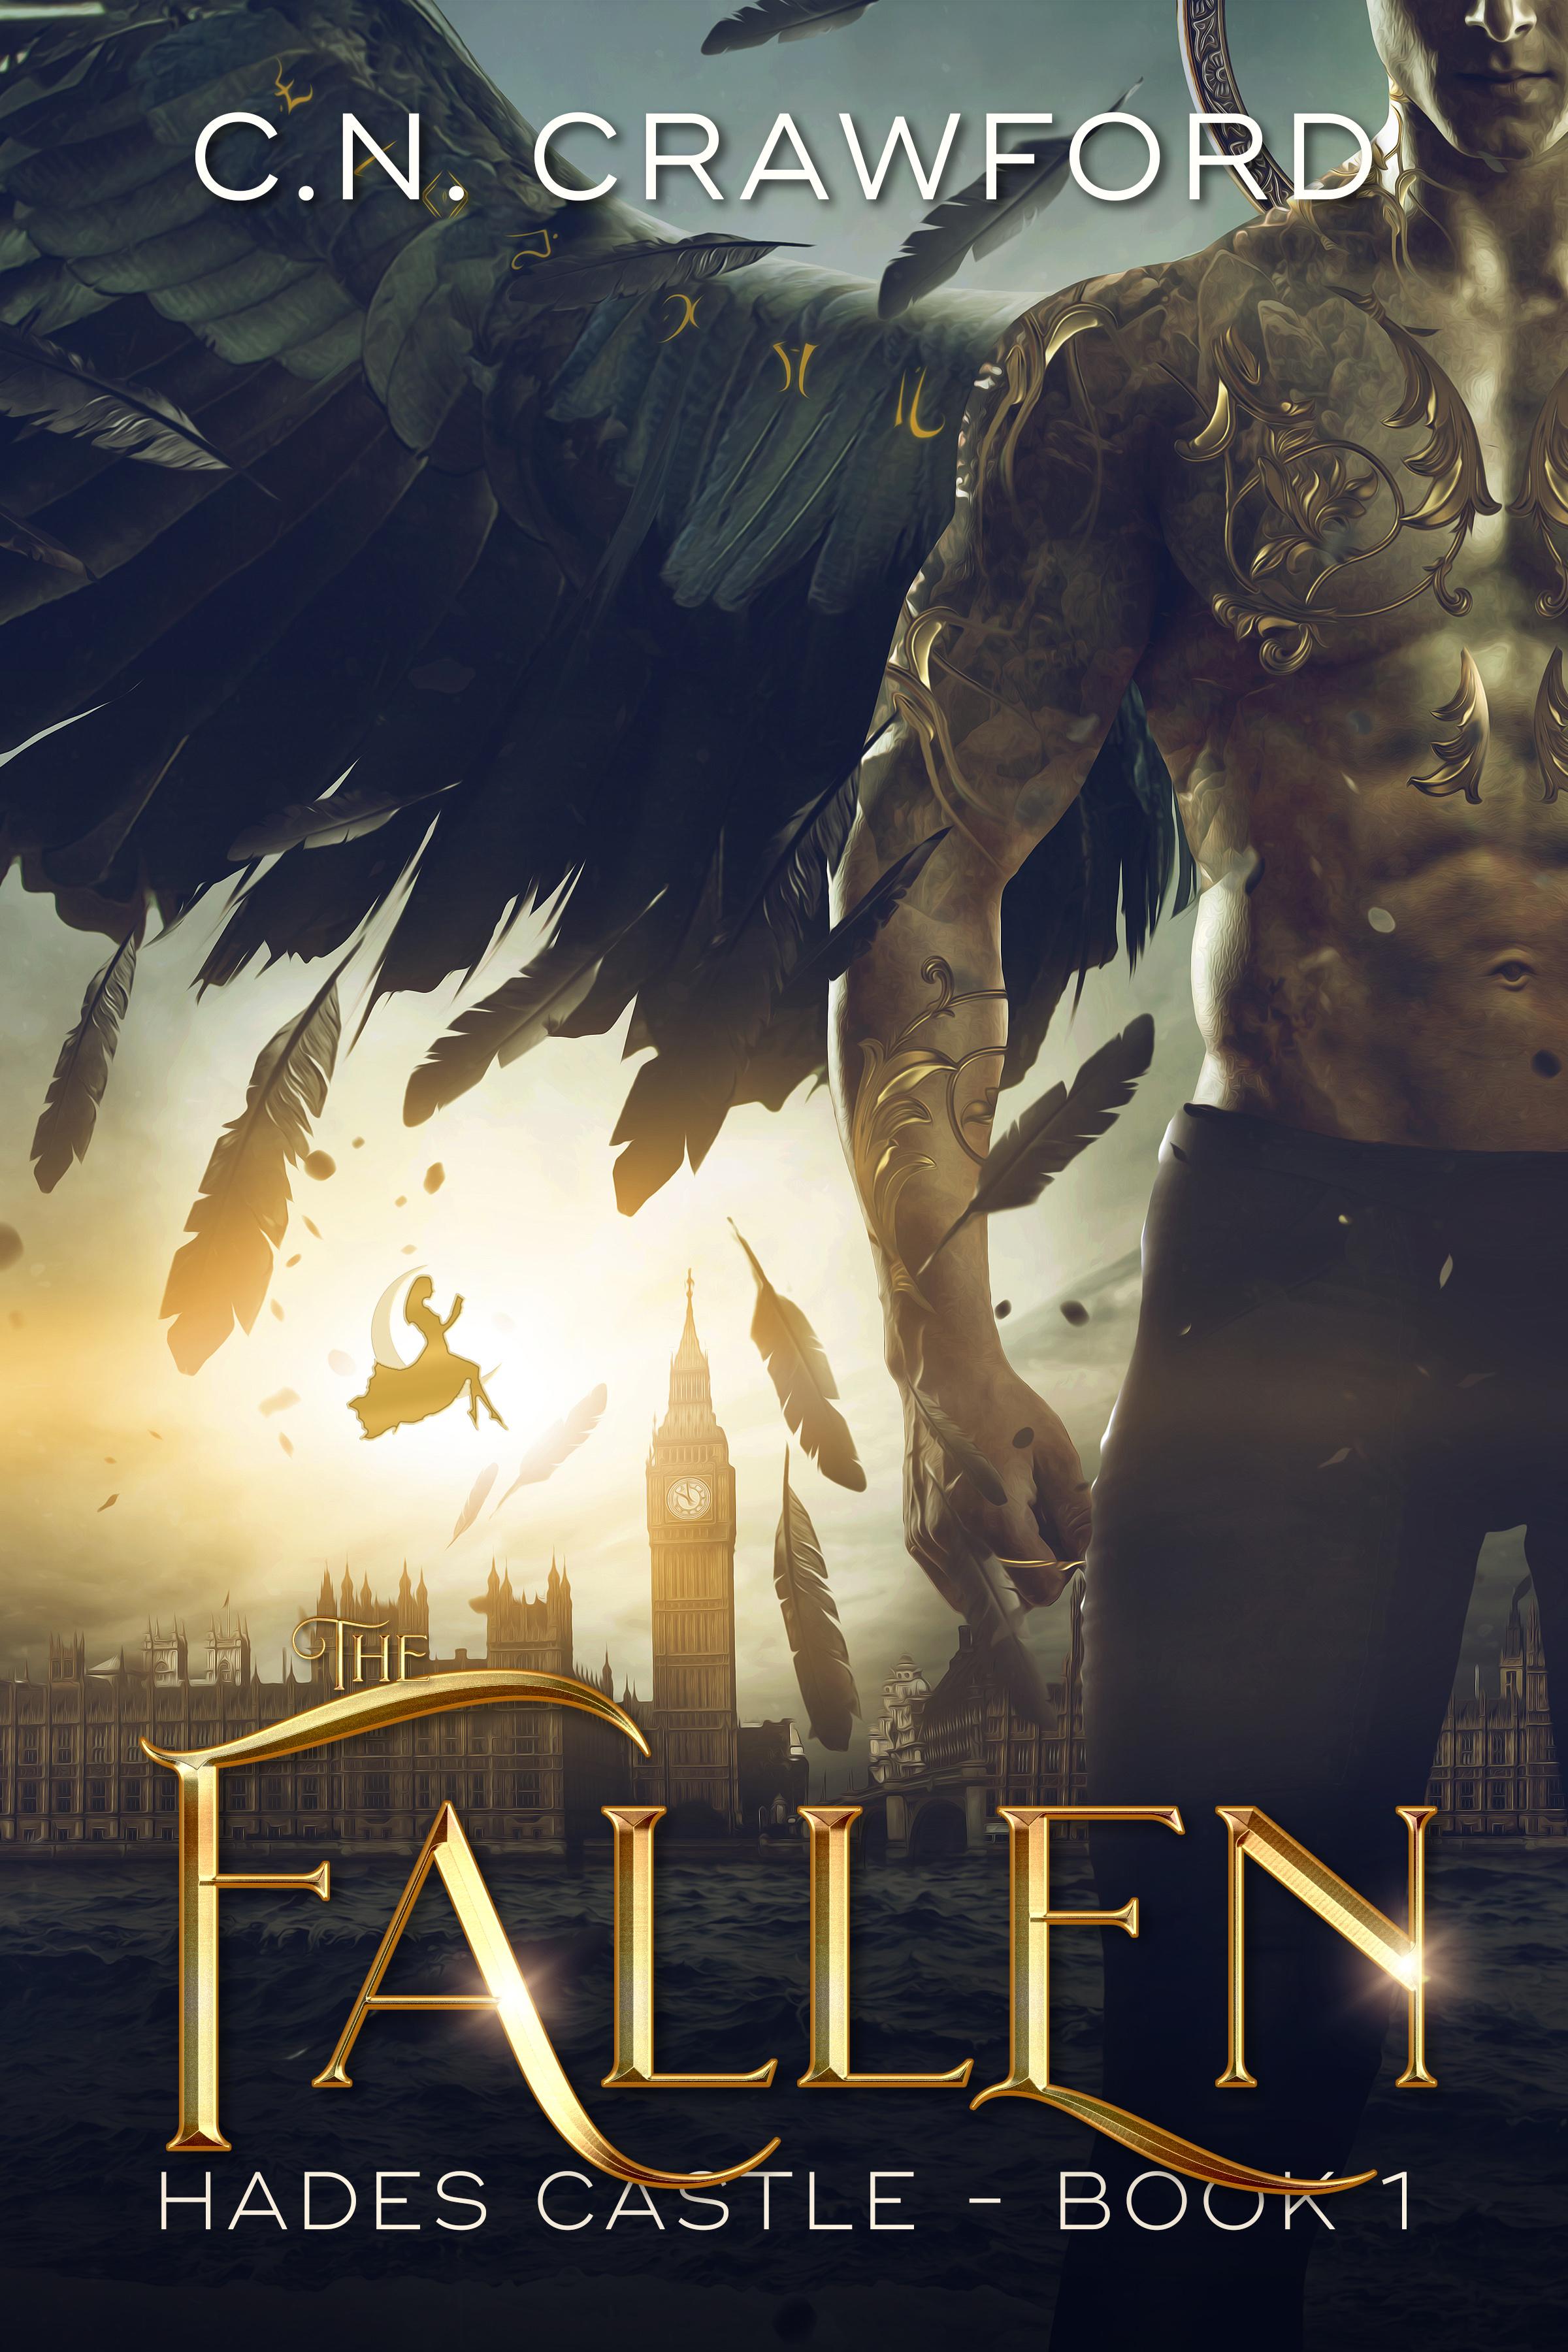 The Fallen (Hades Castle Trilogy, #1)